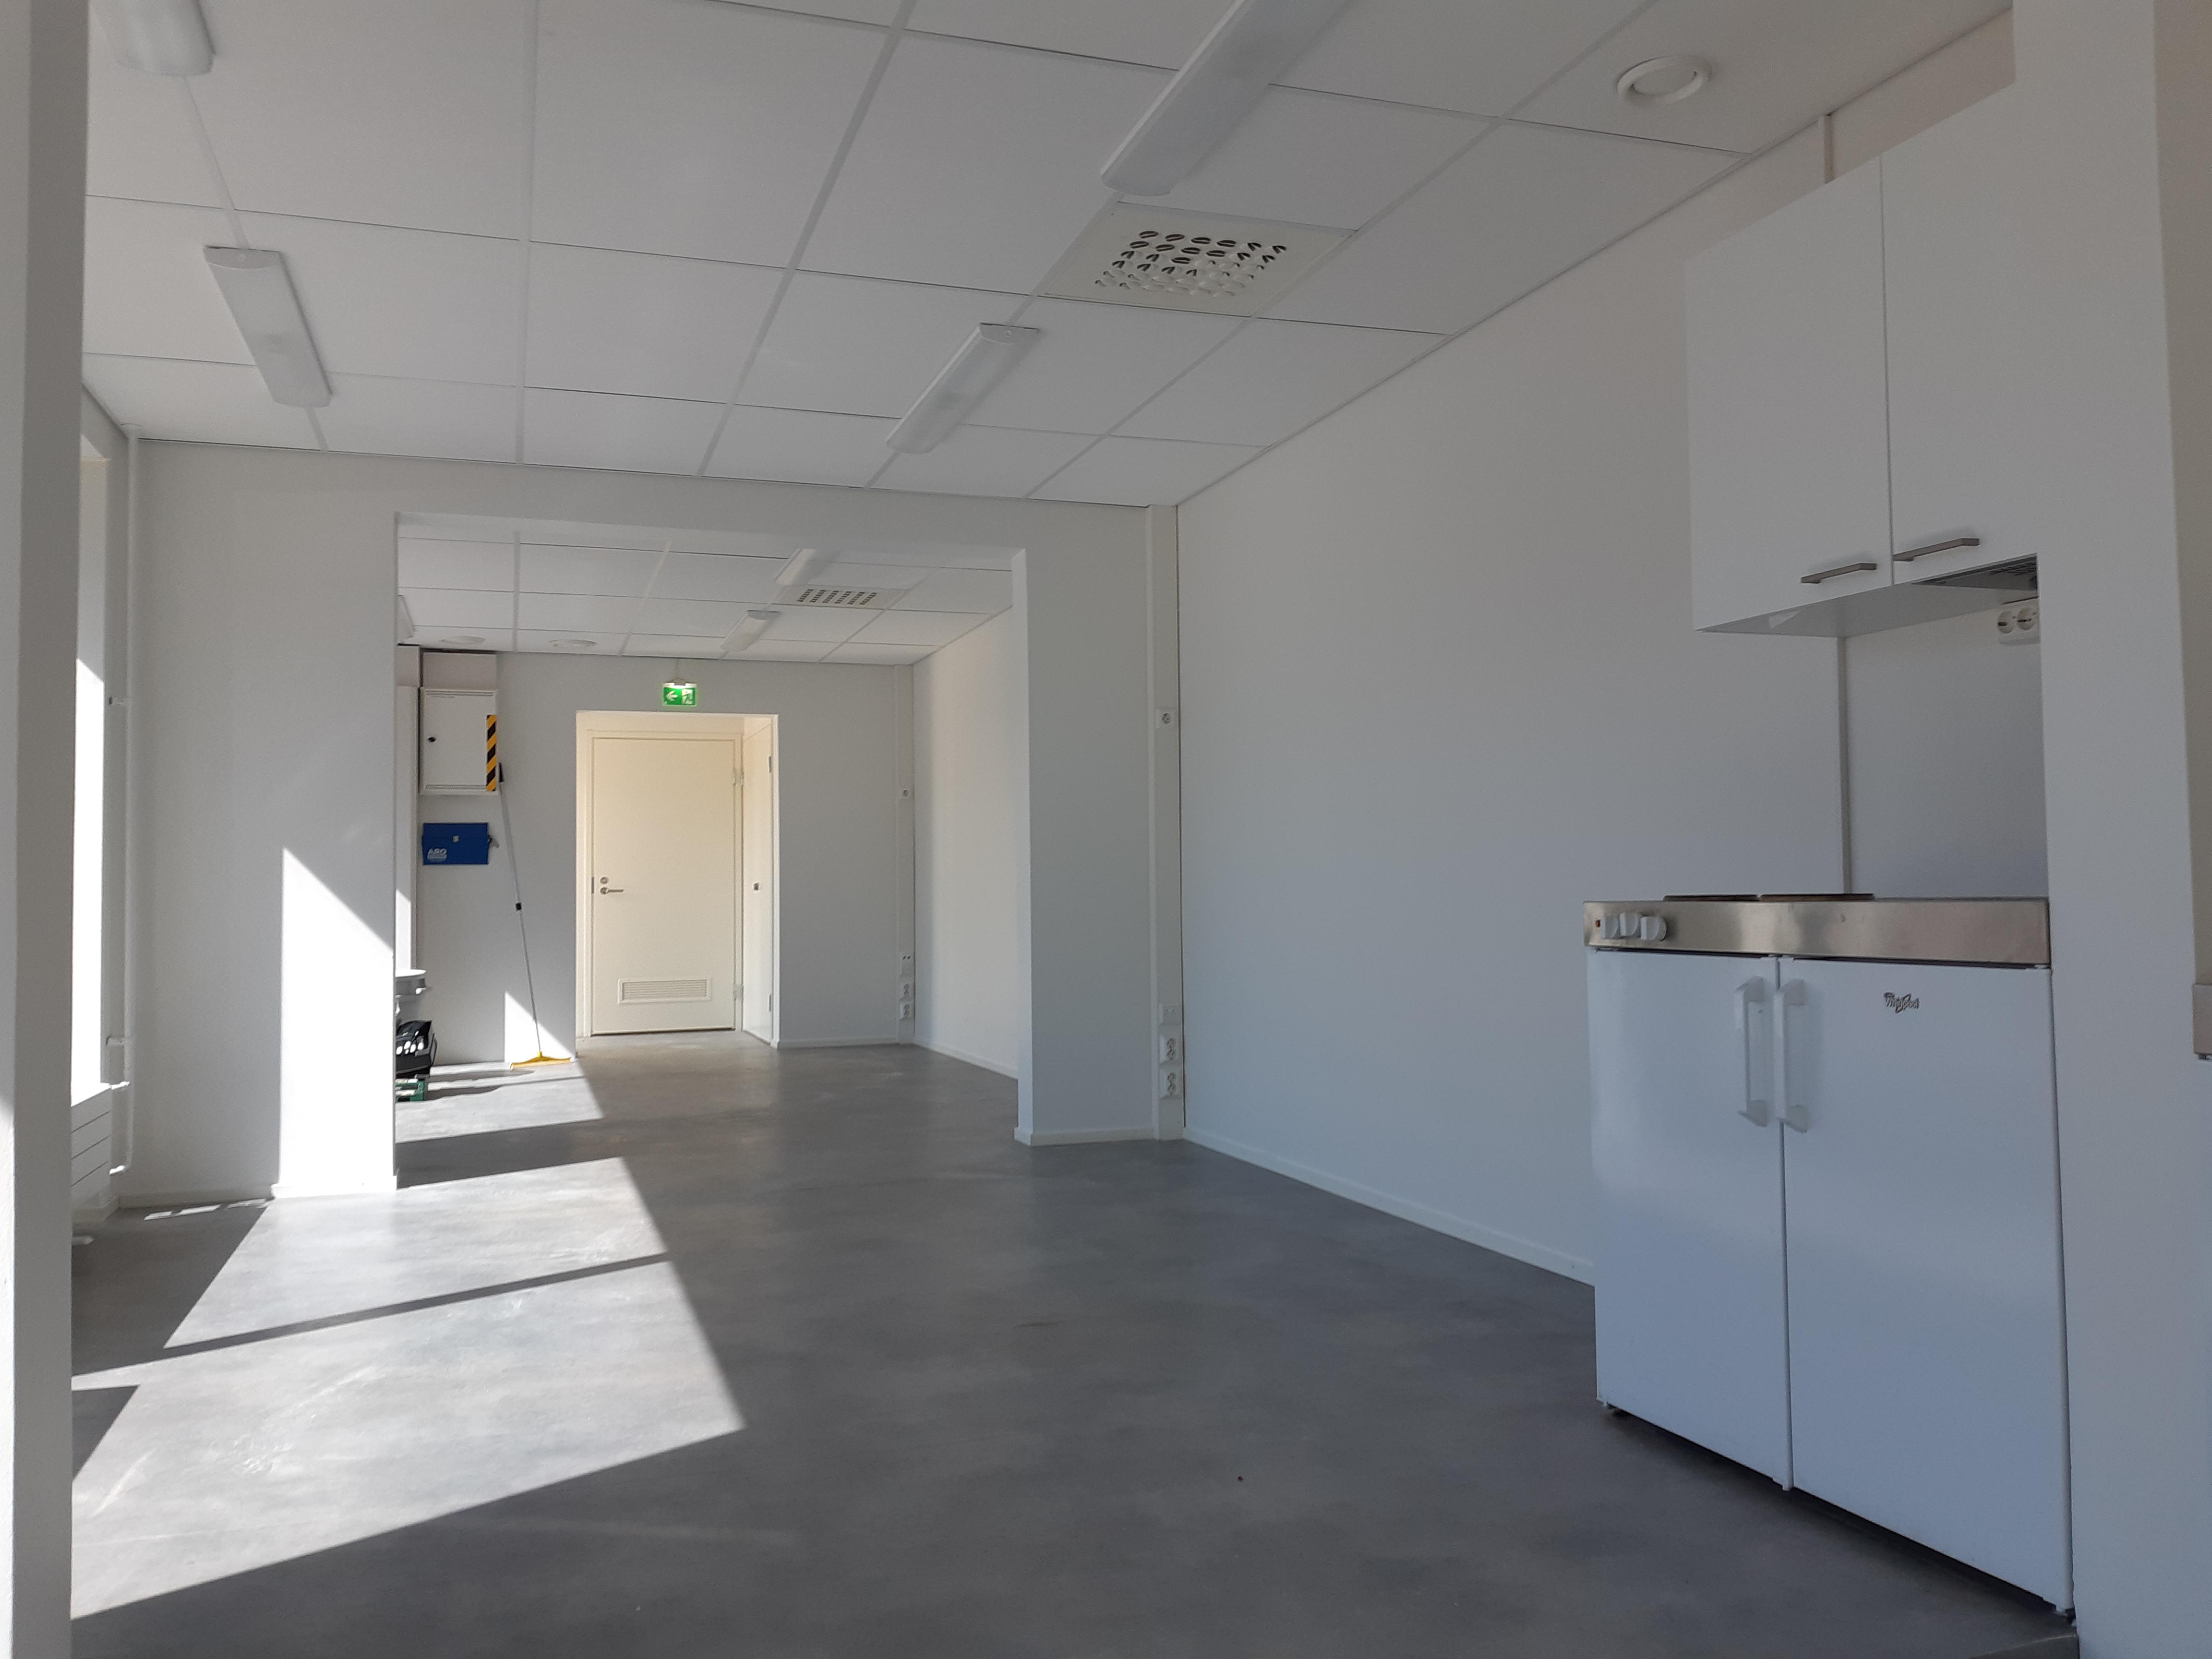 Toimitila, Livornonkatu 3, Jätkäsaari, Helsinki